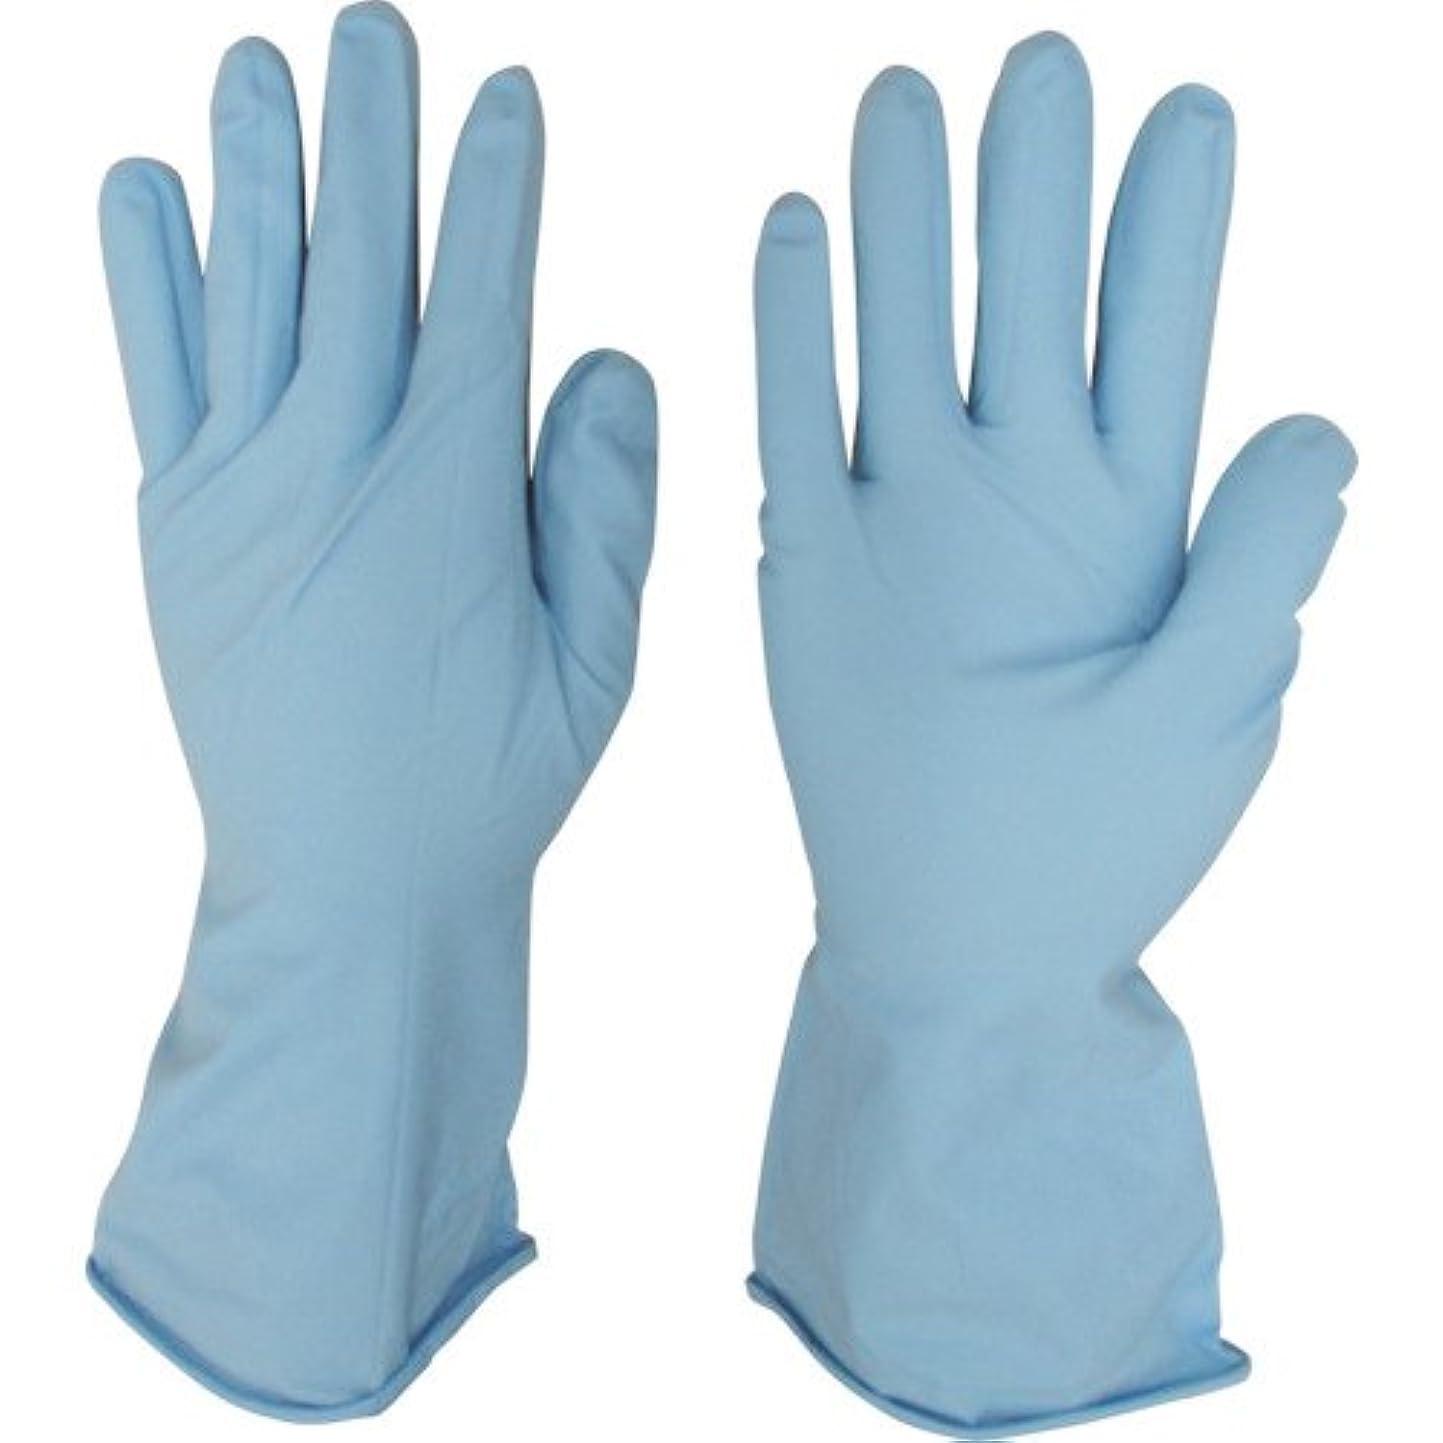 バラエティ安定した落胆させる宇都宮製作 作業用手袋 シンガーニトリル薄手手袋 パウダーフリー ブルー 10双入 S